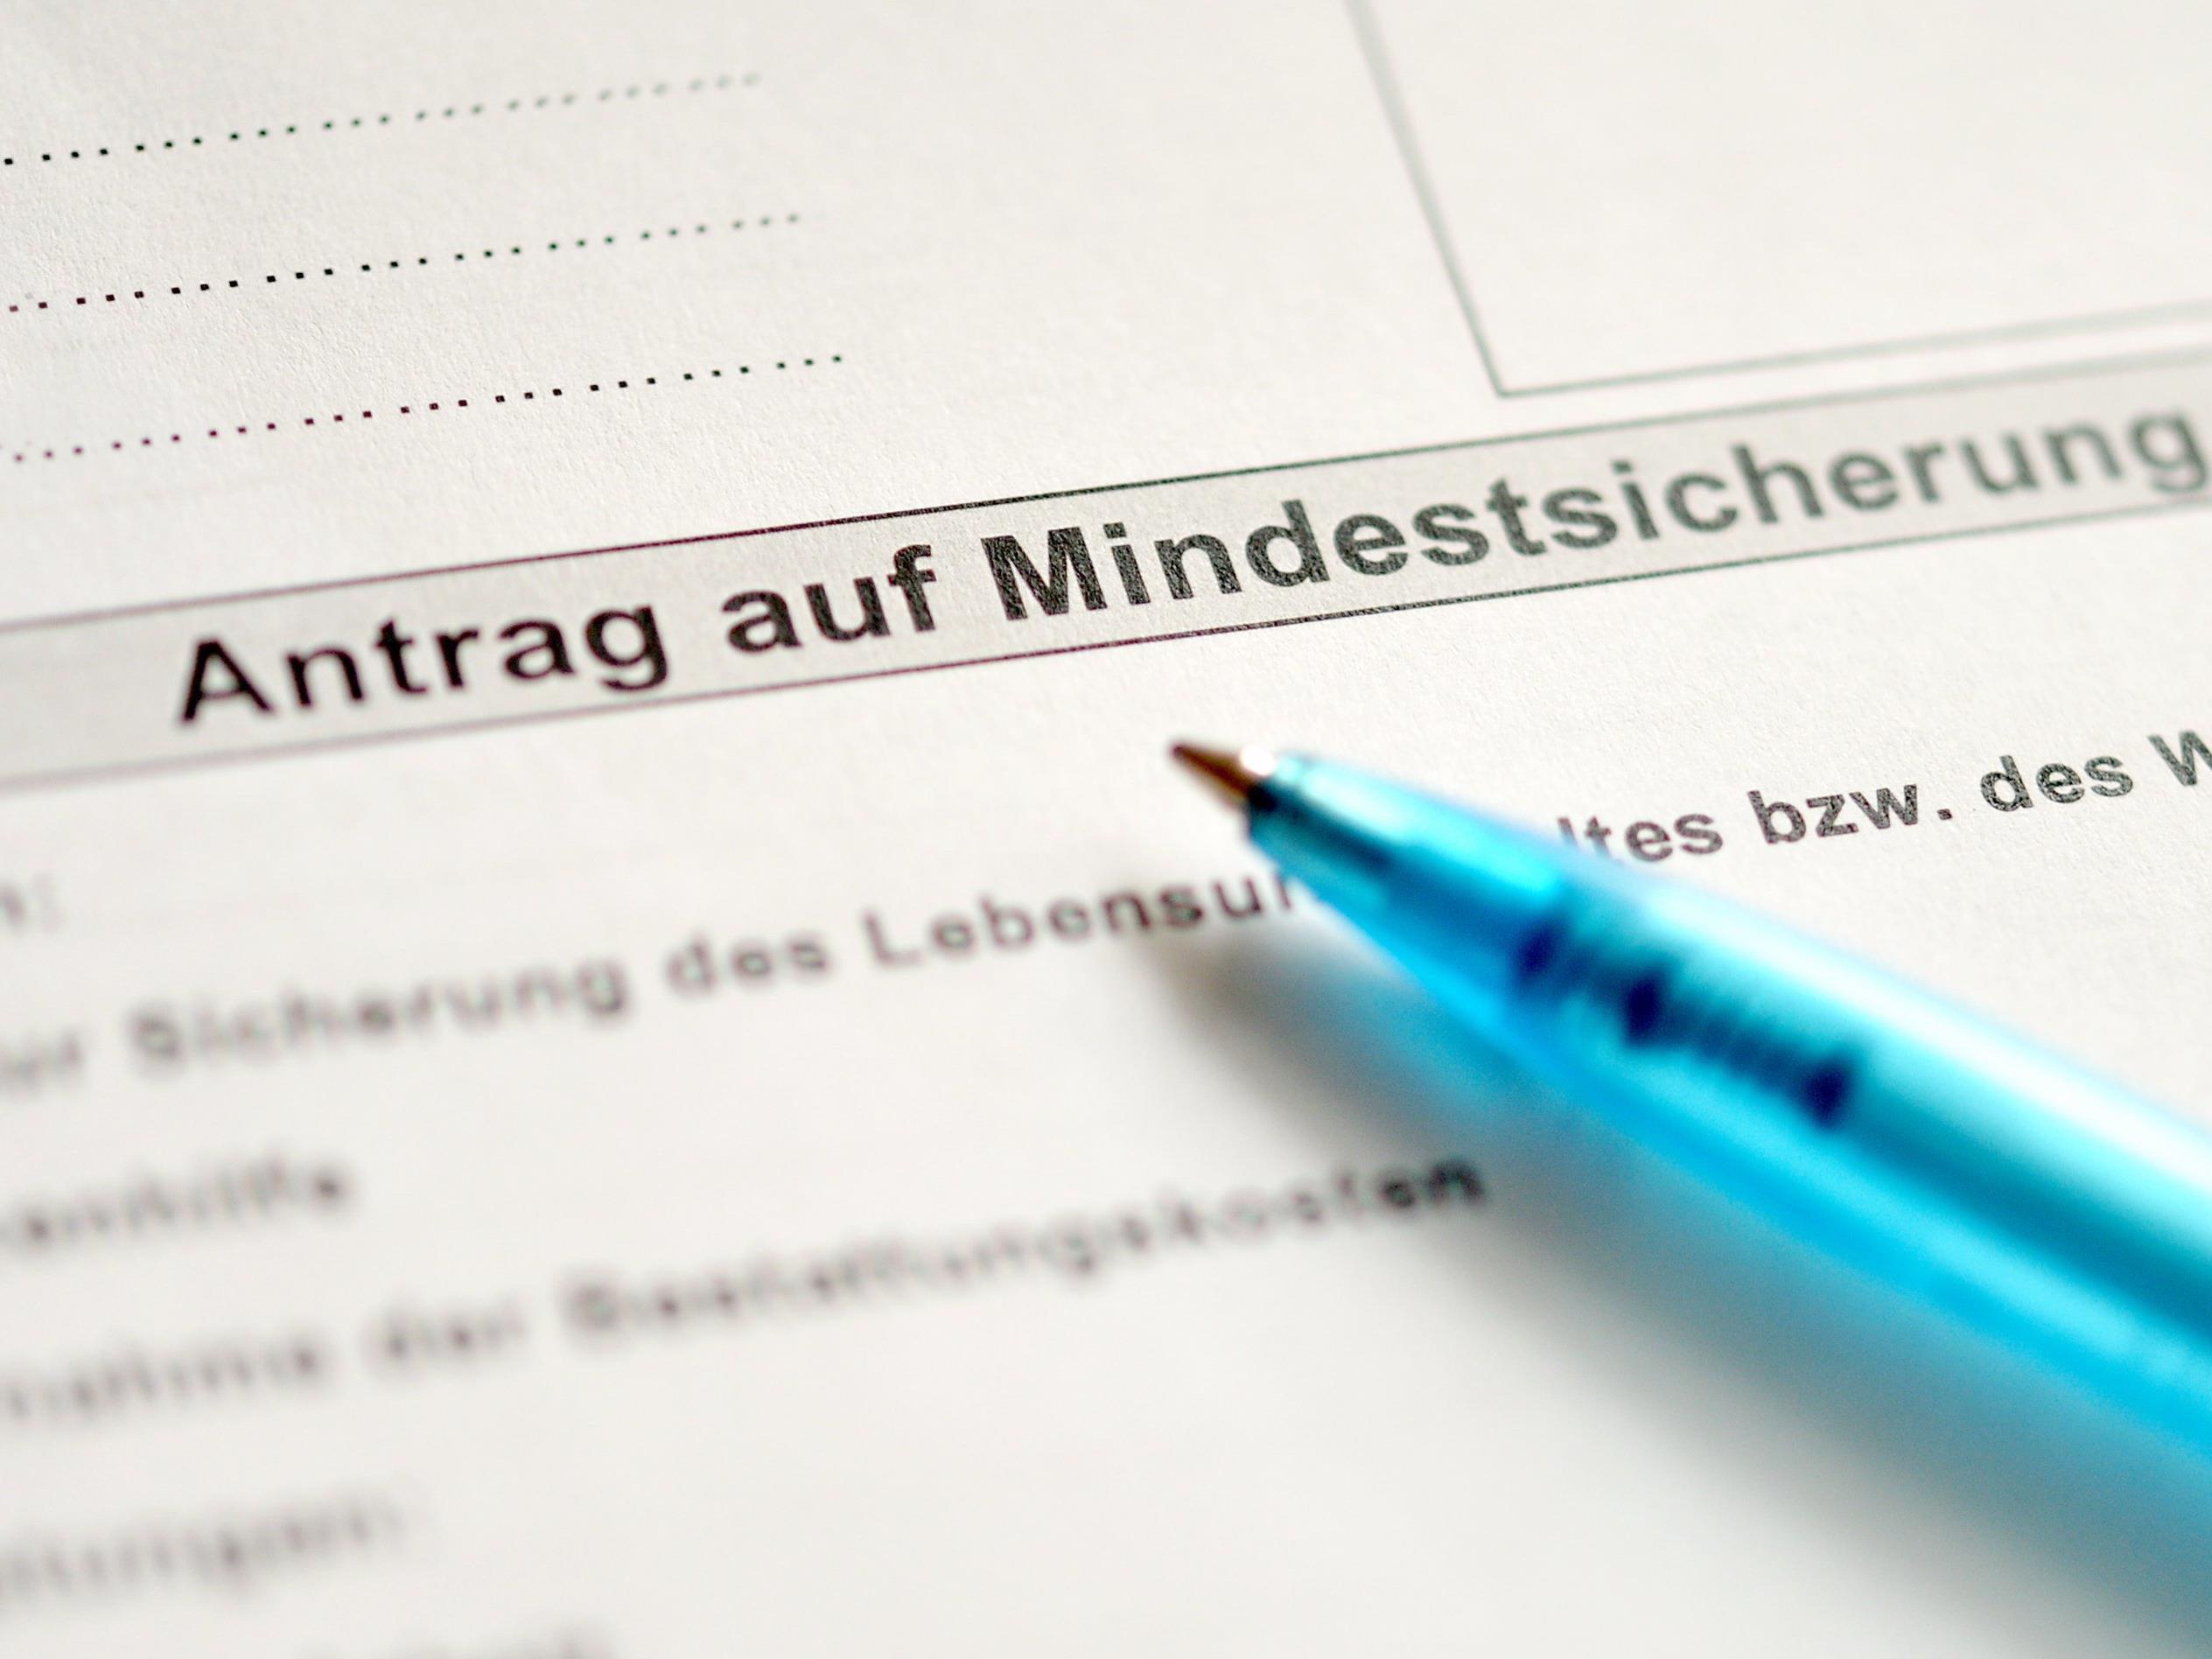 Die Armutskonferenz kritisiert die Mindestsicherung in Niederösterreich